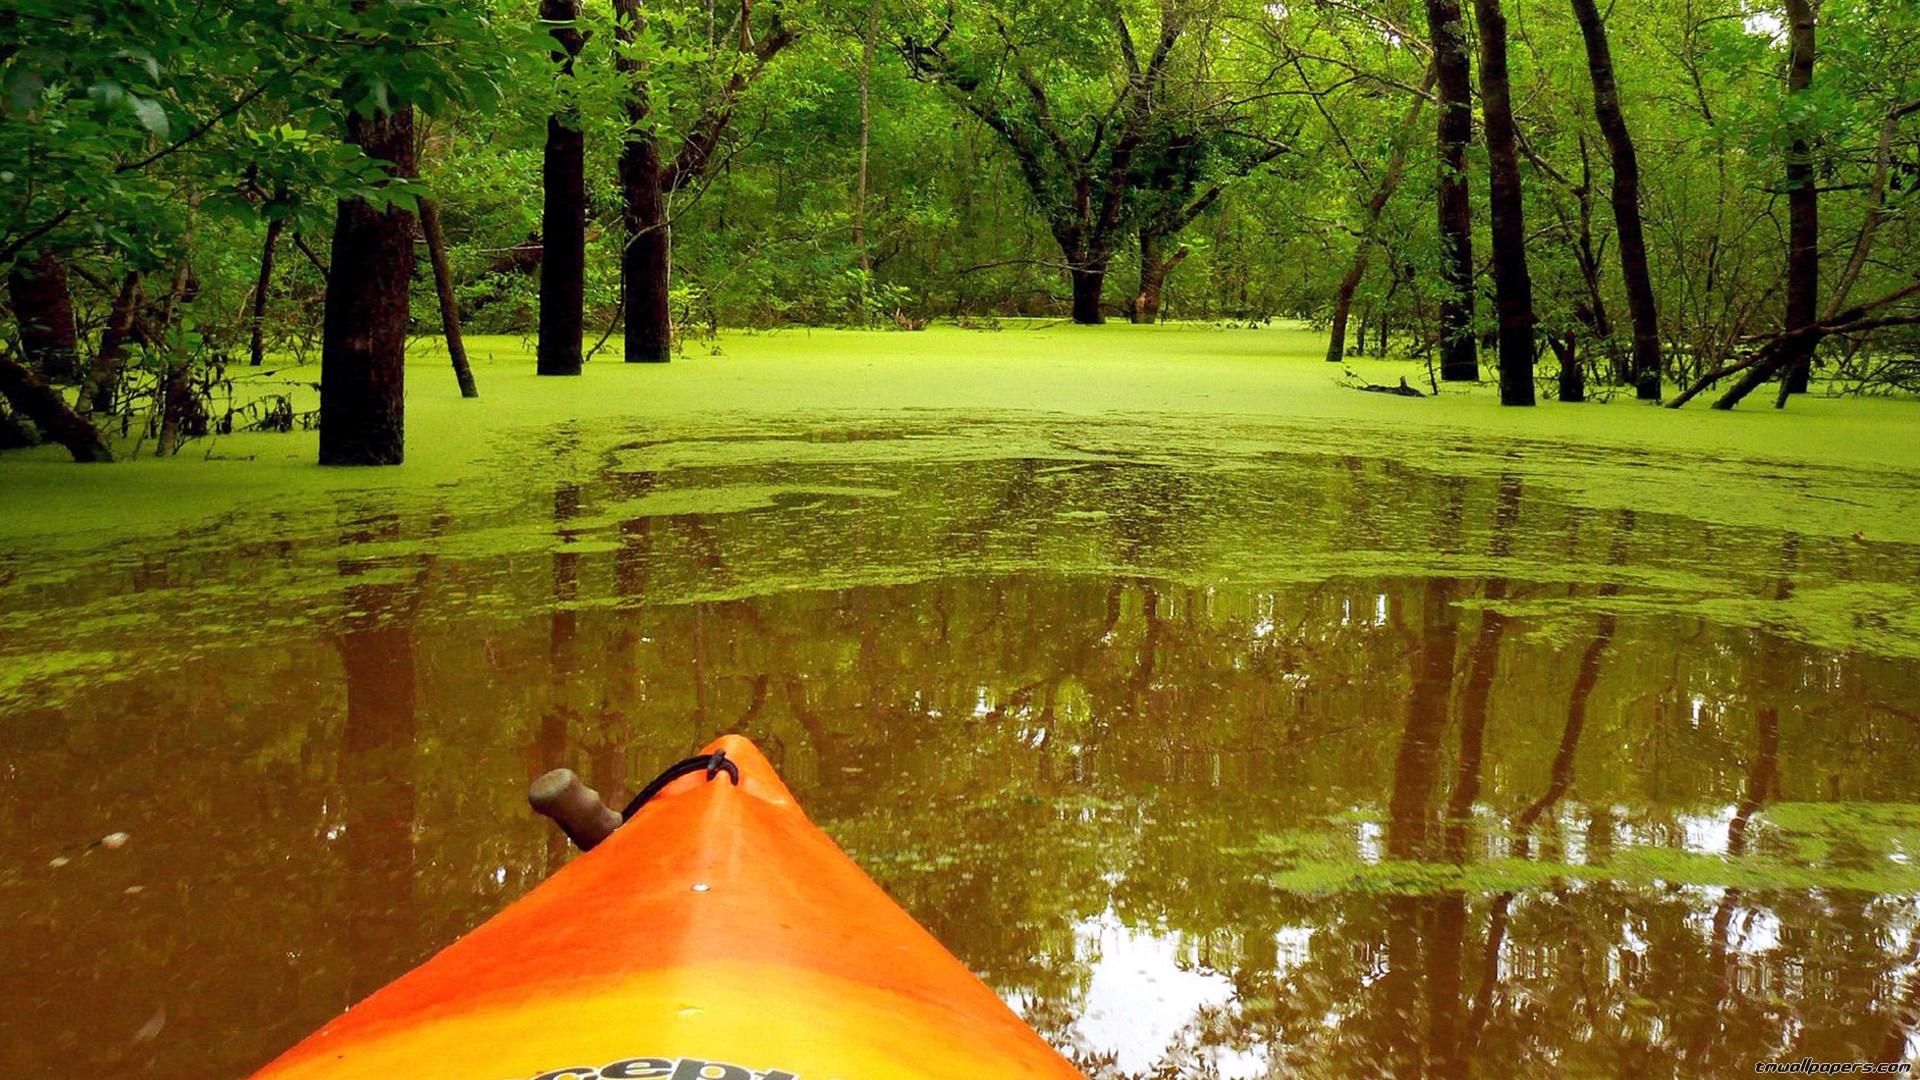 Hd wallpaper nature green - Green Nature Wallpaper Hd Desktop Wallpaper